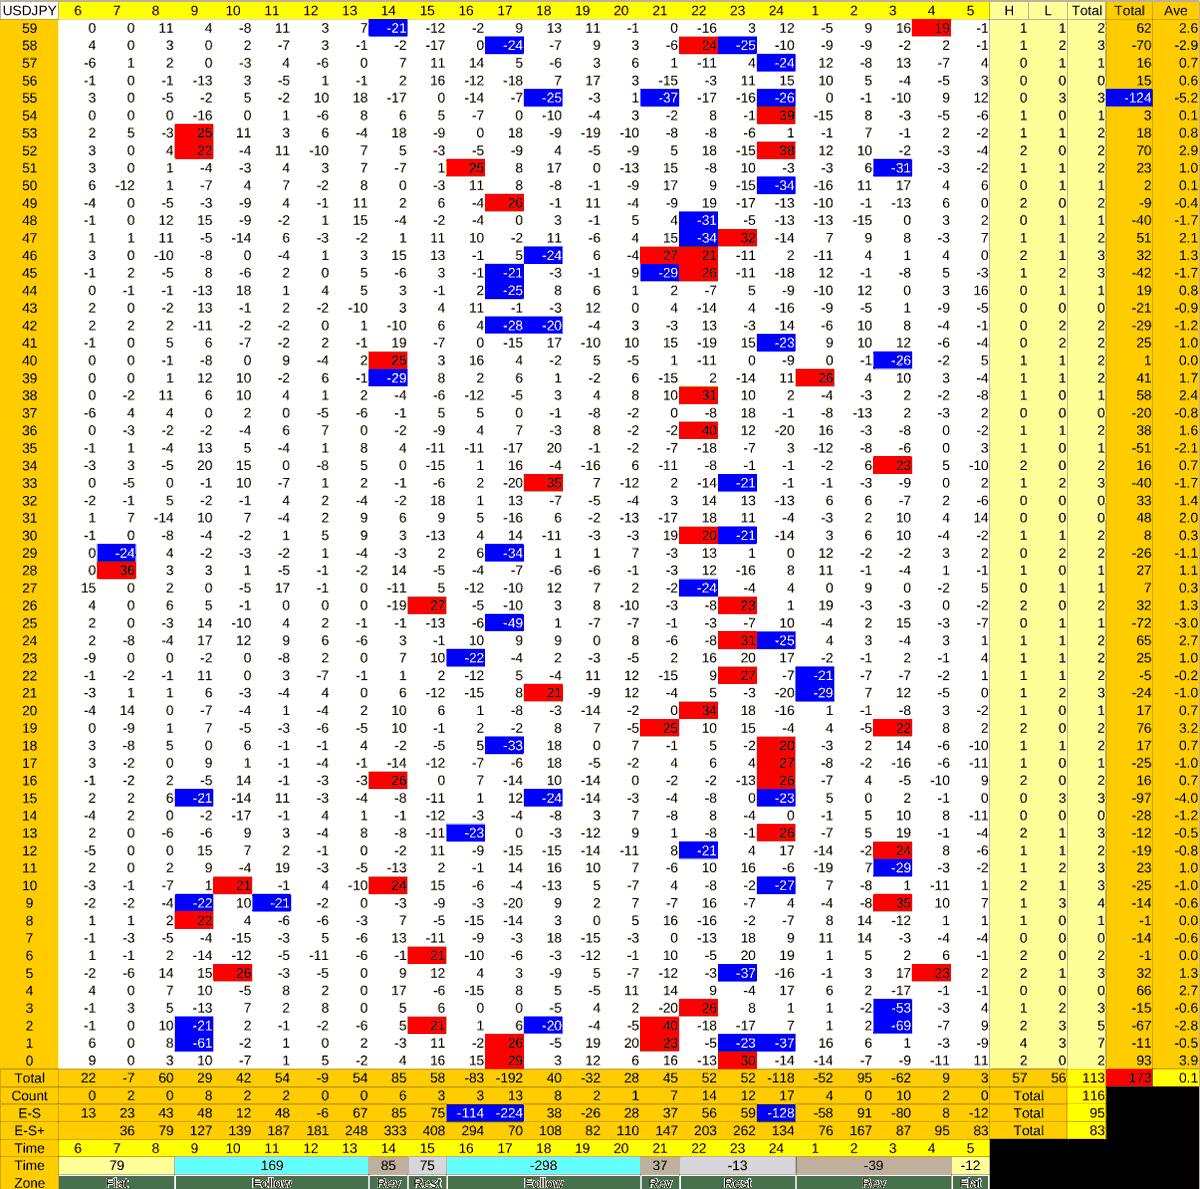 20210311_HS(1)USDJPY-min